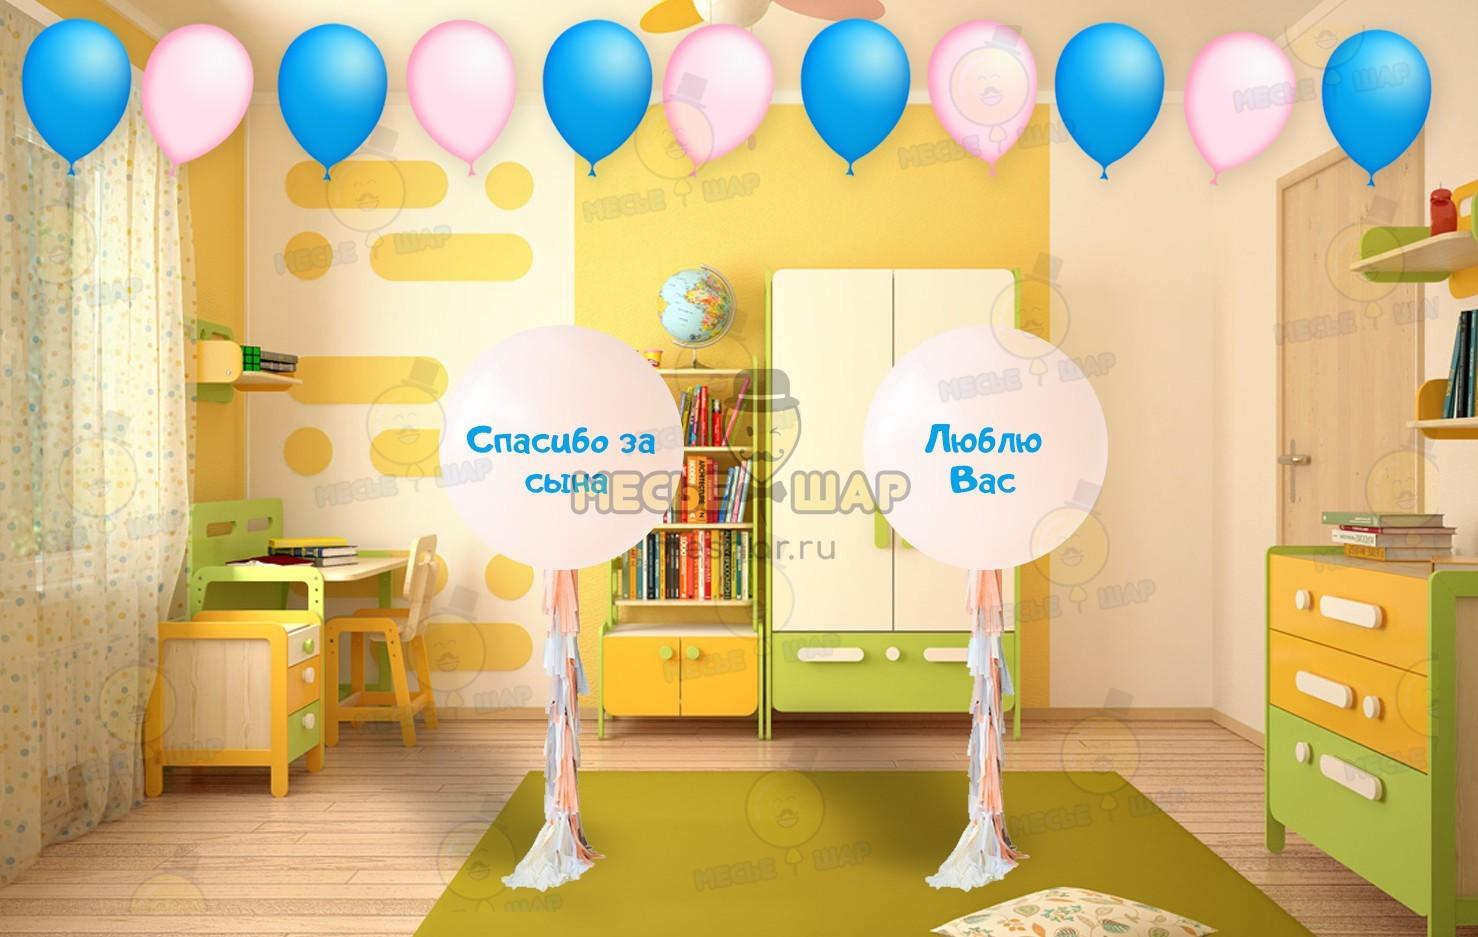 Выгодные пакеты для новорожденных из воздушных шаров 2